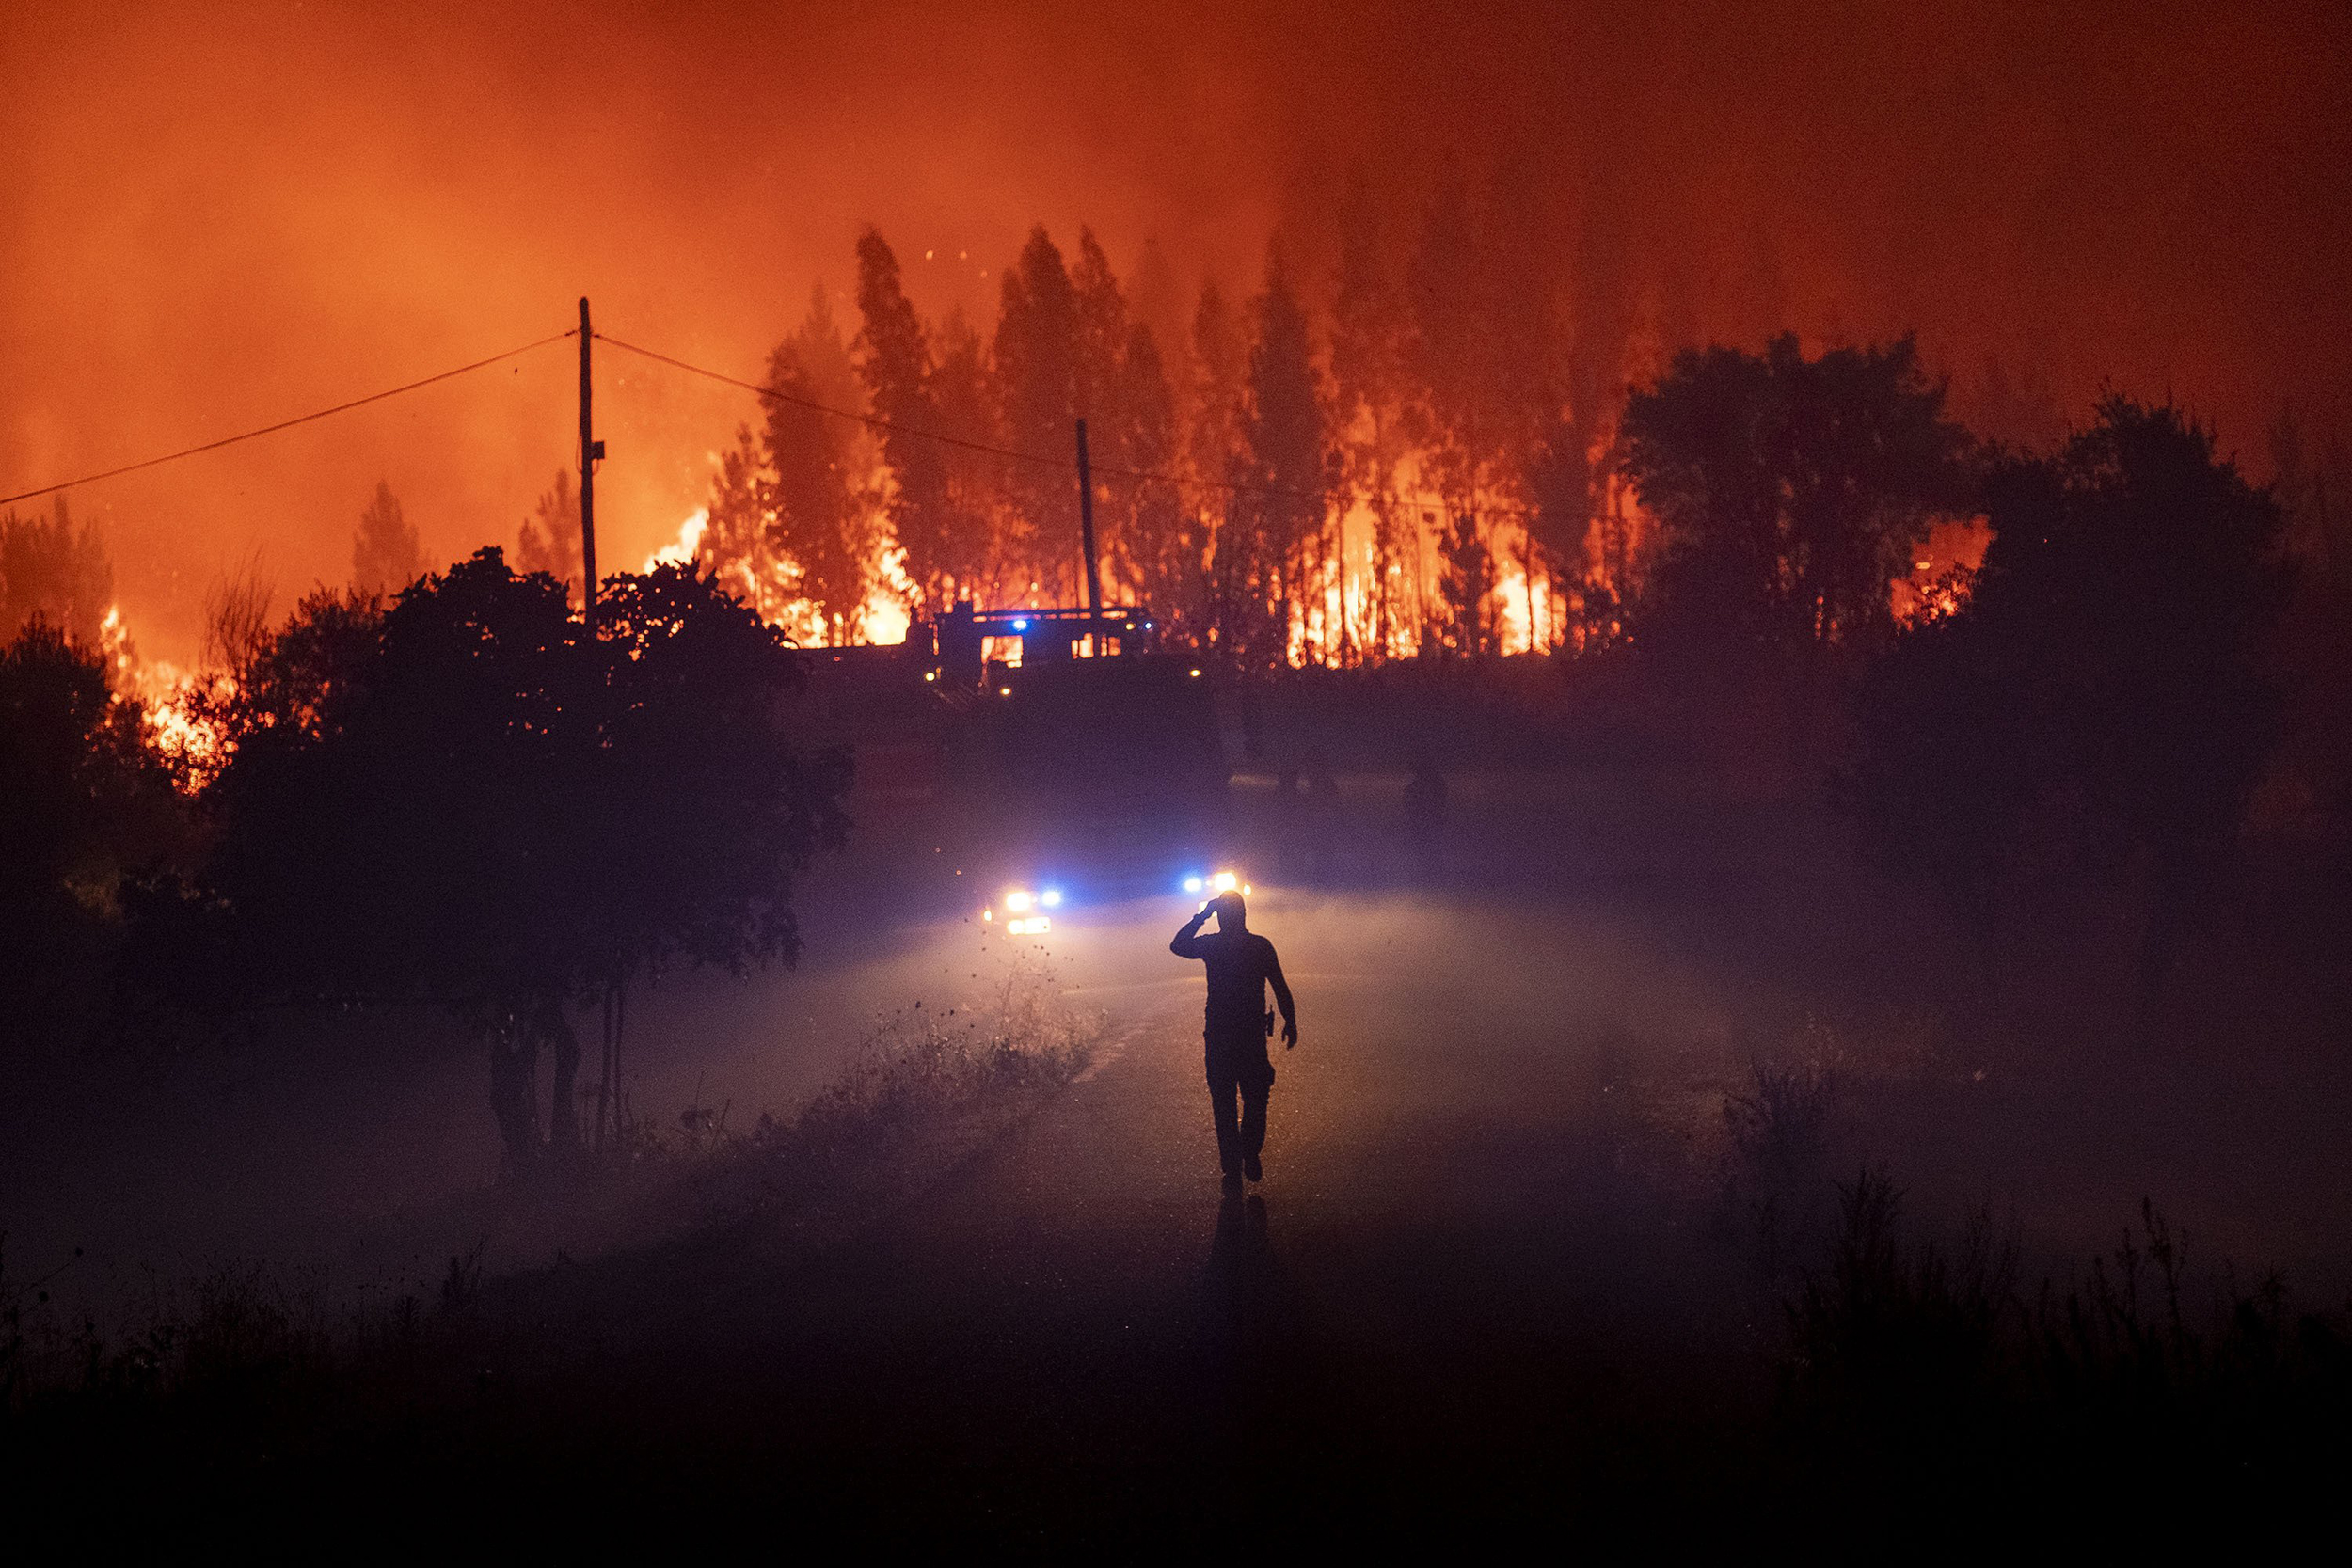 200903-portugal-wildfire-jm-0909_23f02d3